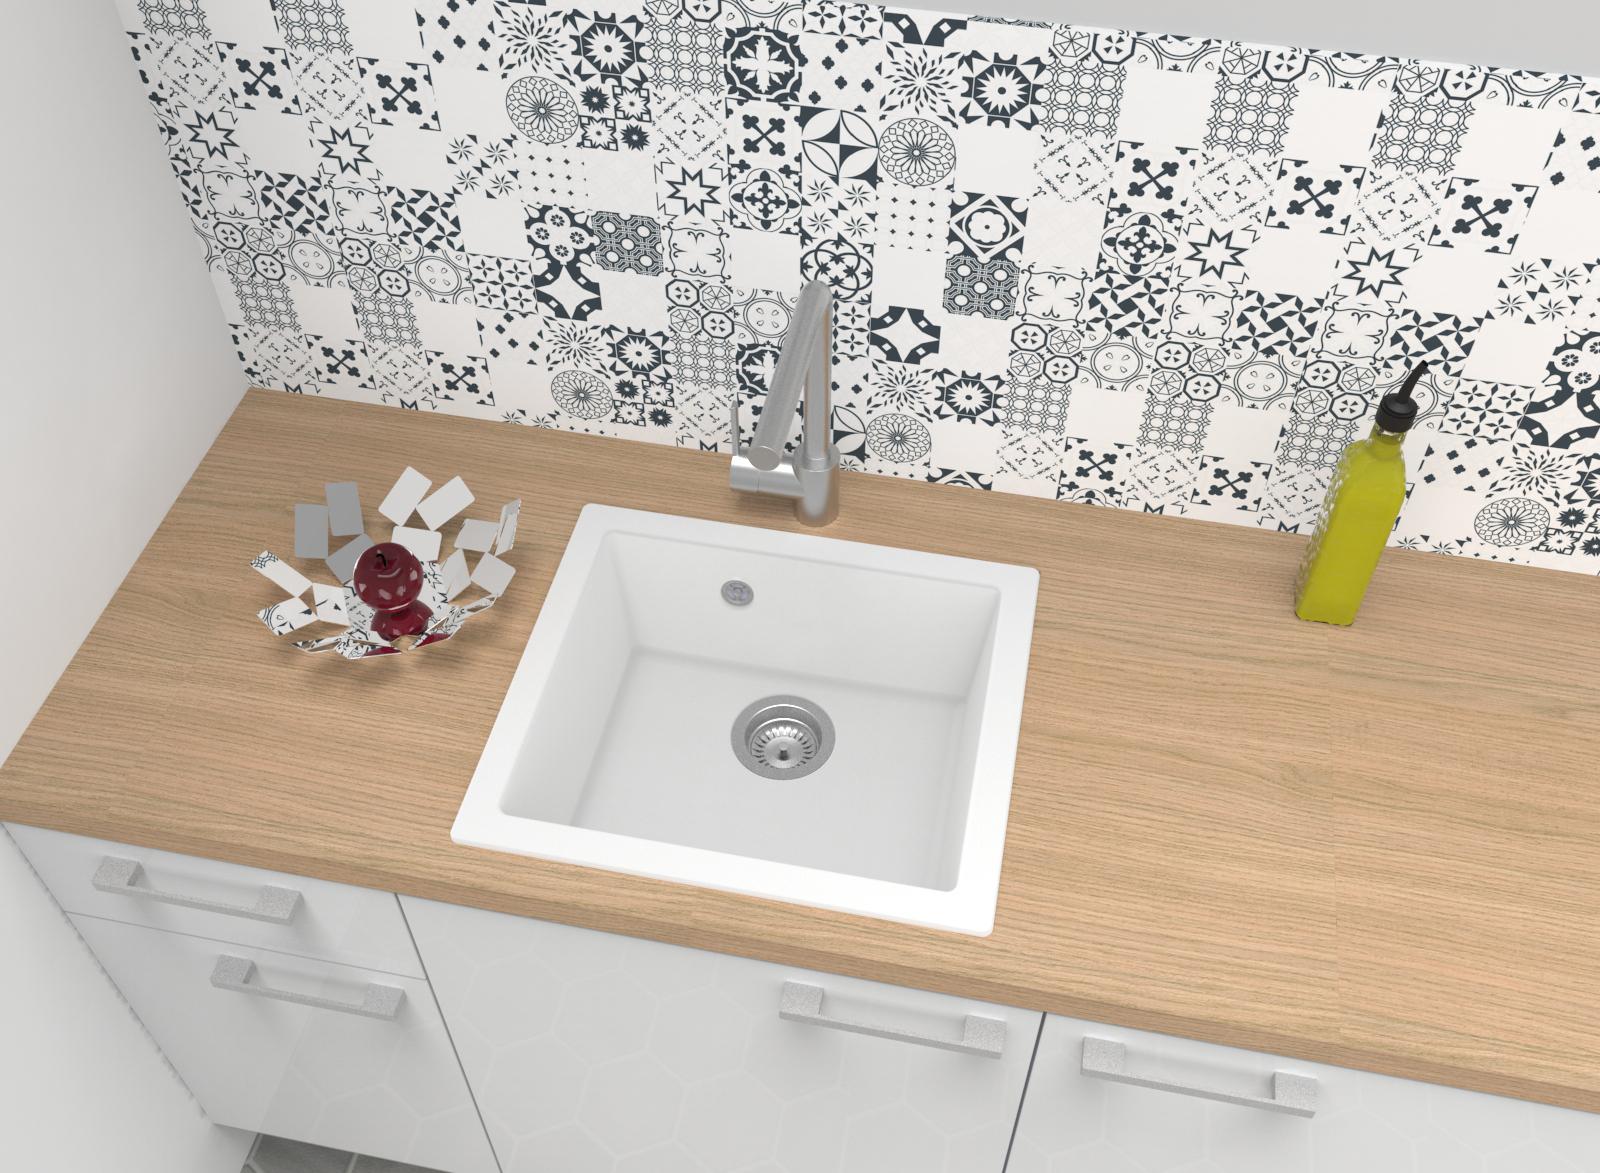 Spüle Küchenspüle Einbauspüle Granit Spülbecken Mineralite 50 x 44 weiß respekta